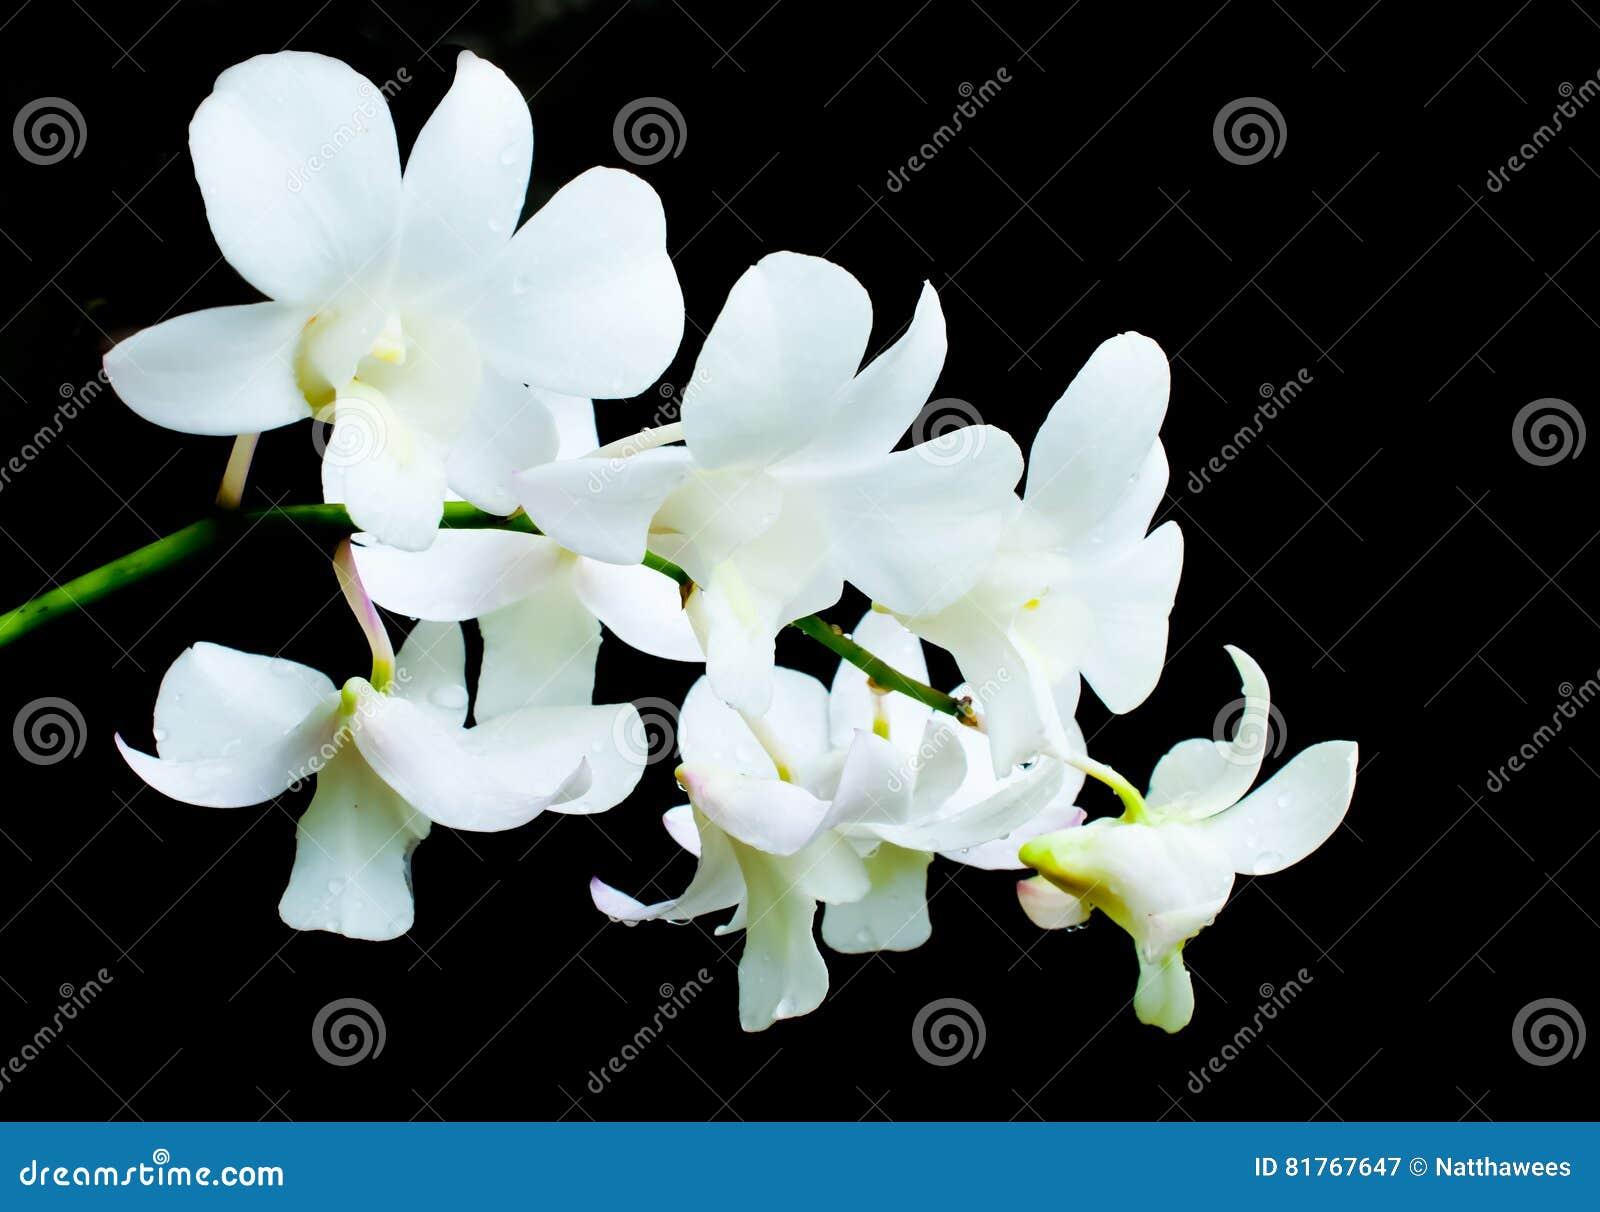 Orquideas Blancas En Las Flores Negras Del Fondo Imagen De Archivo